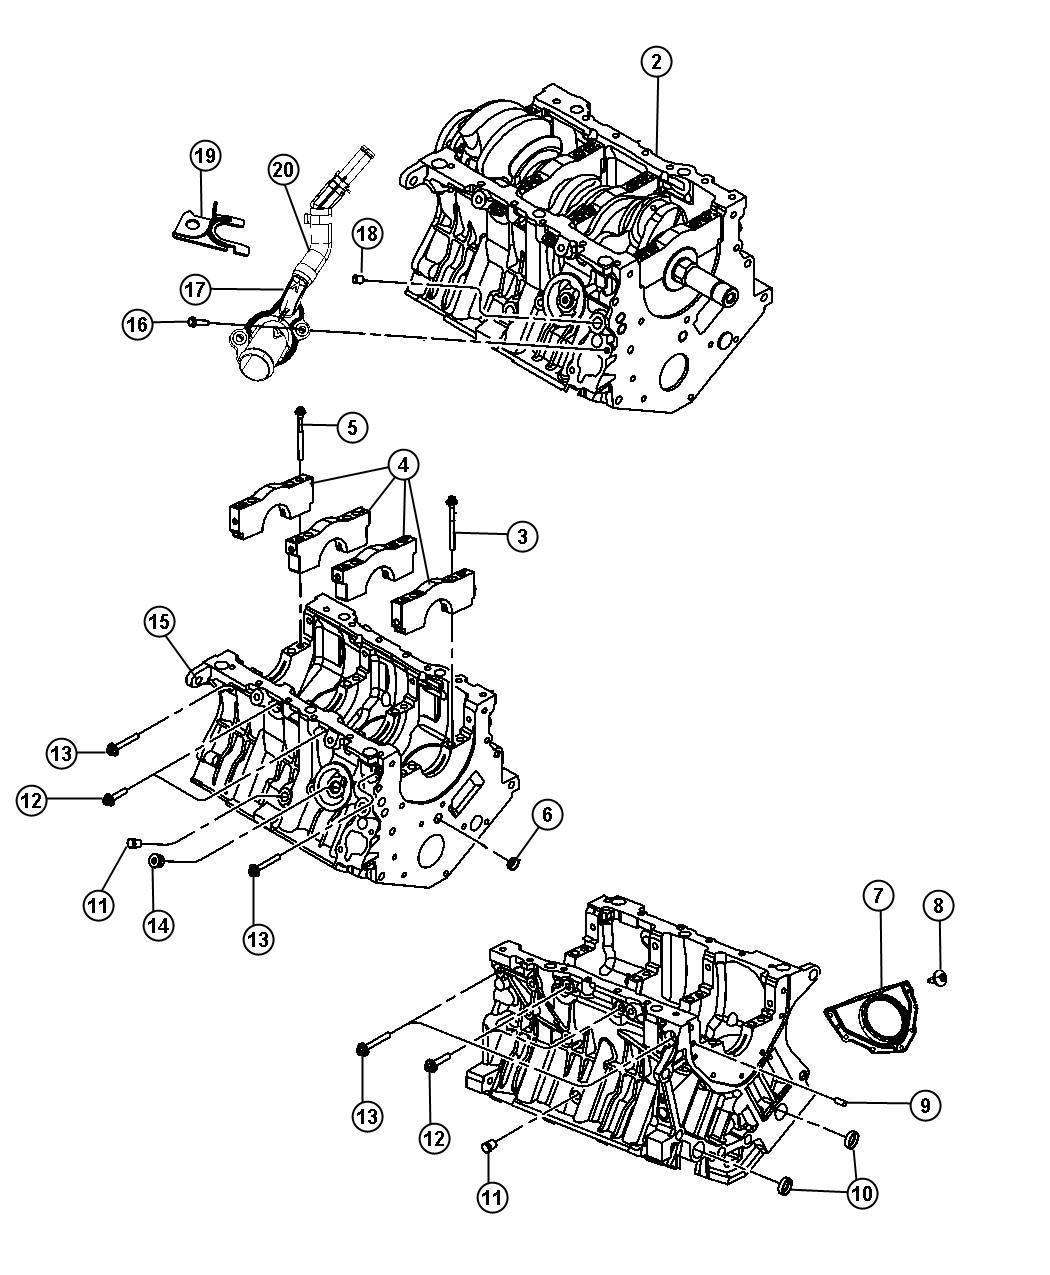 2007 Chrysler Sebring Engine  Long Block  Remanufactured